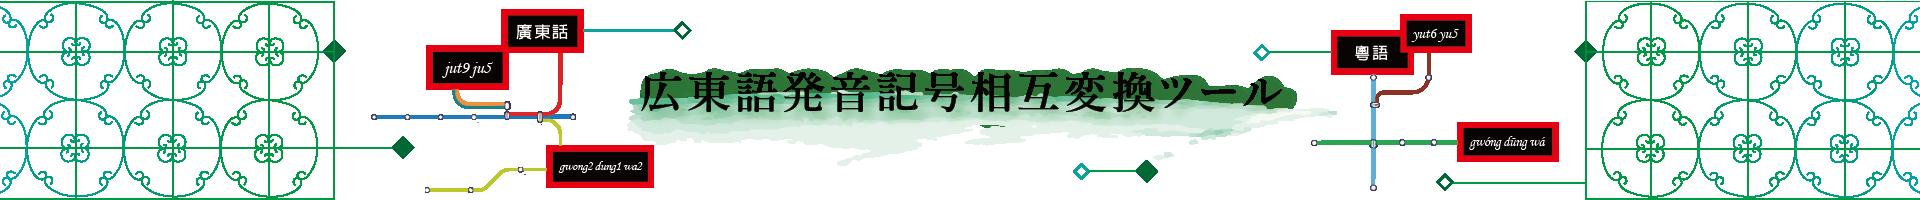 広東語発音記号(ピンイン/拼音) 相互変換ツール